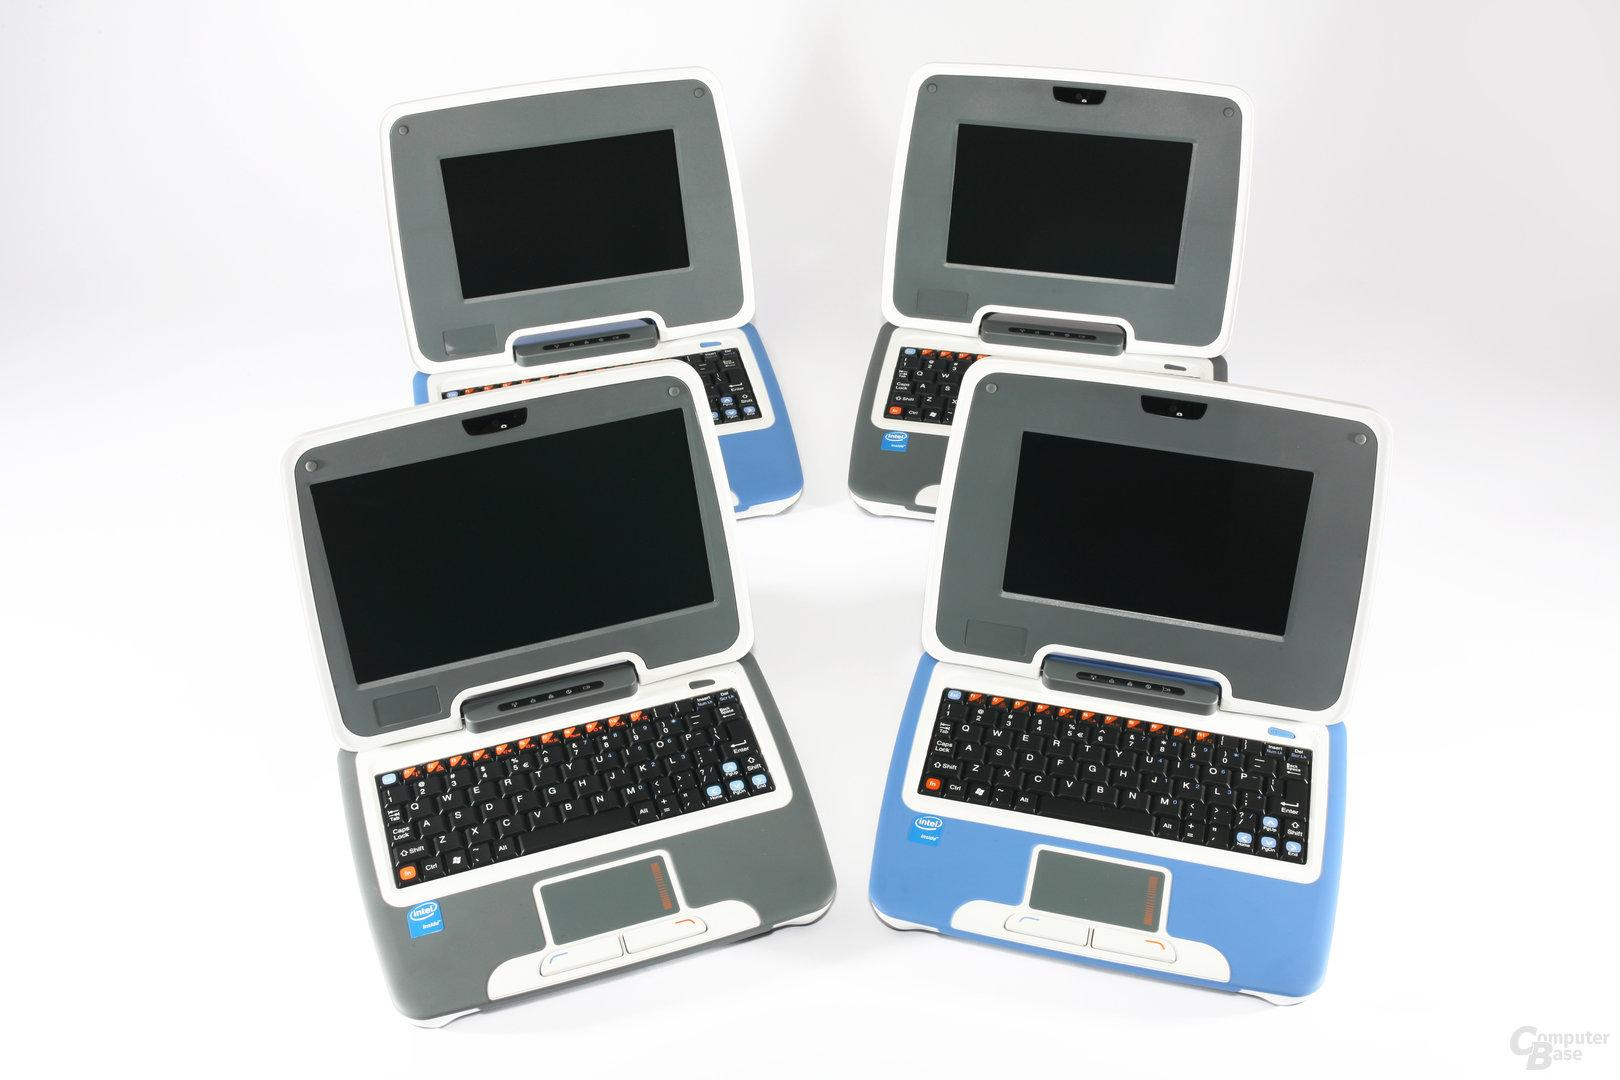 Erste und zweite Generation des Intel Classmate PC